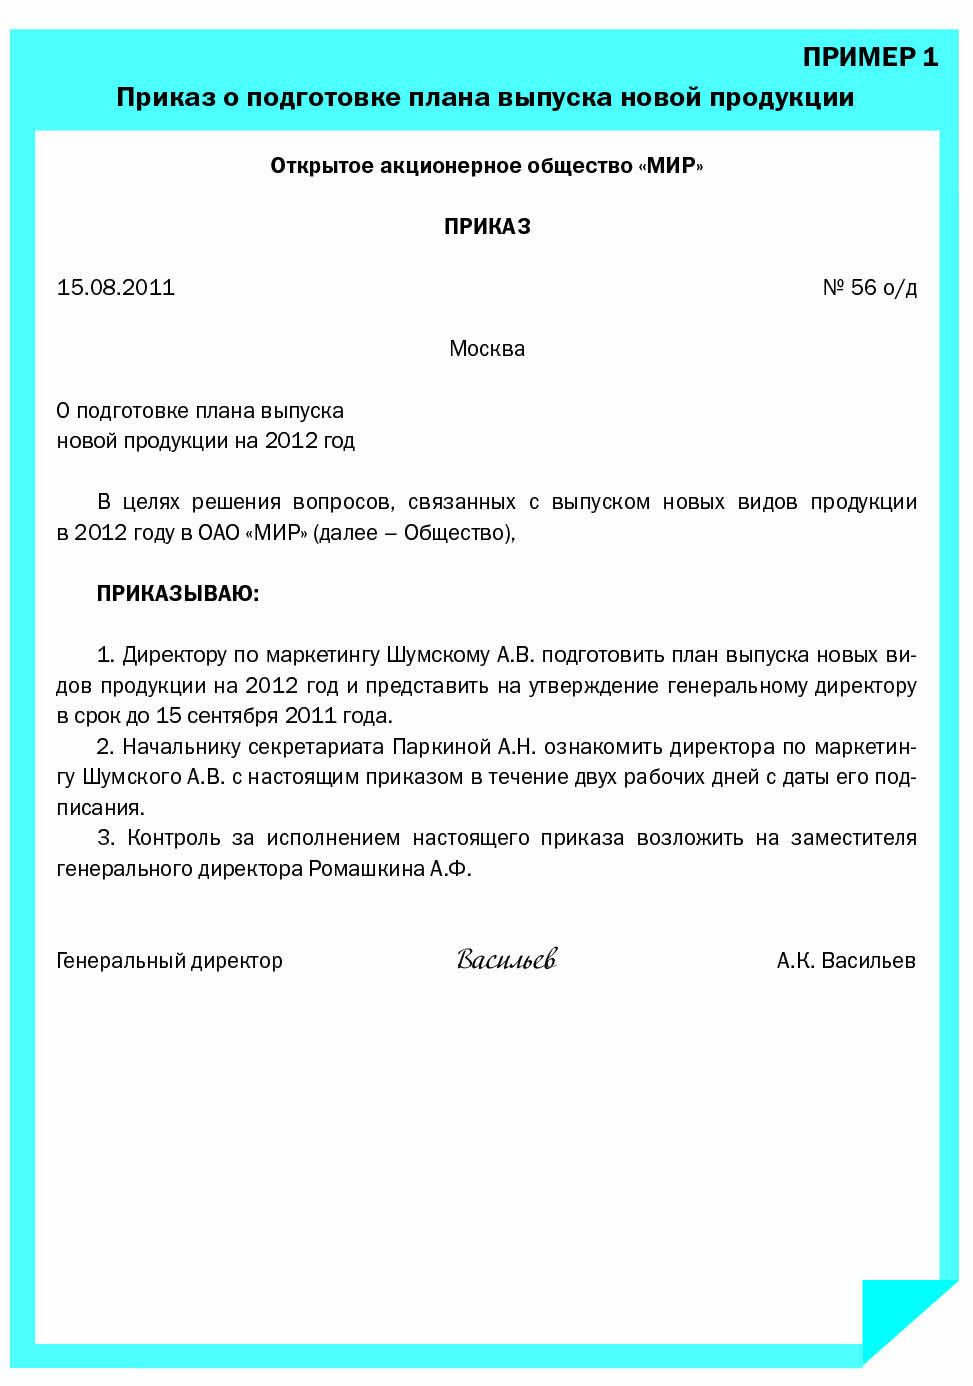 образец приказа об организации охраны труда на украине